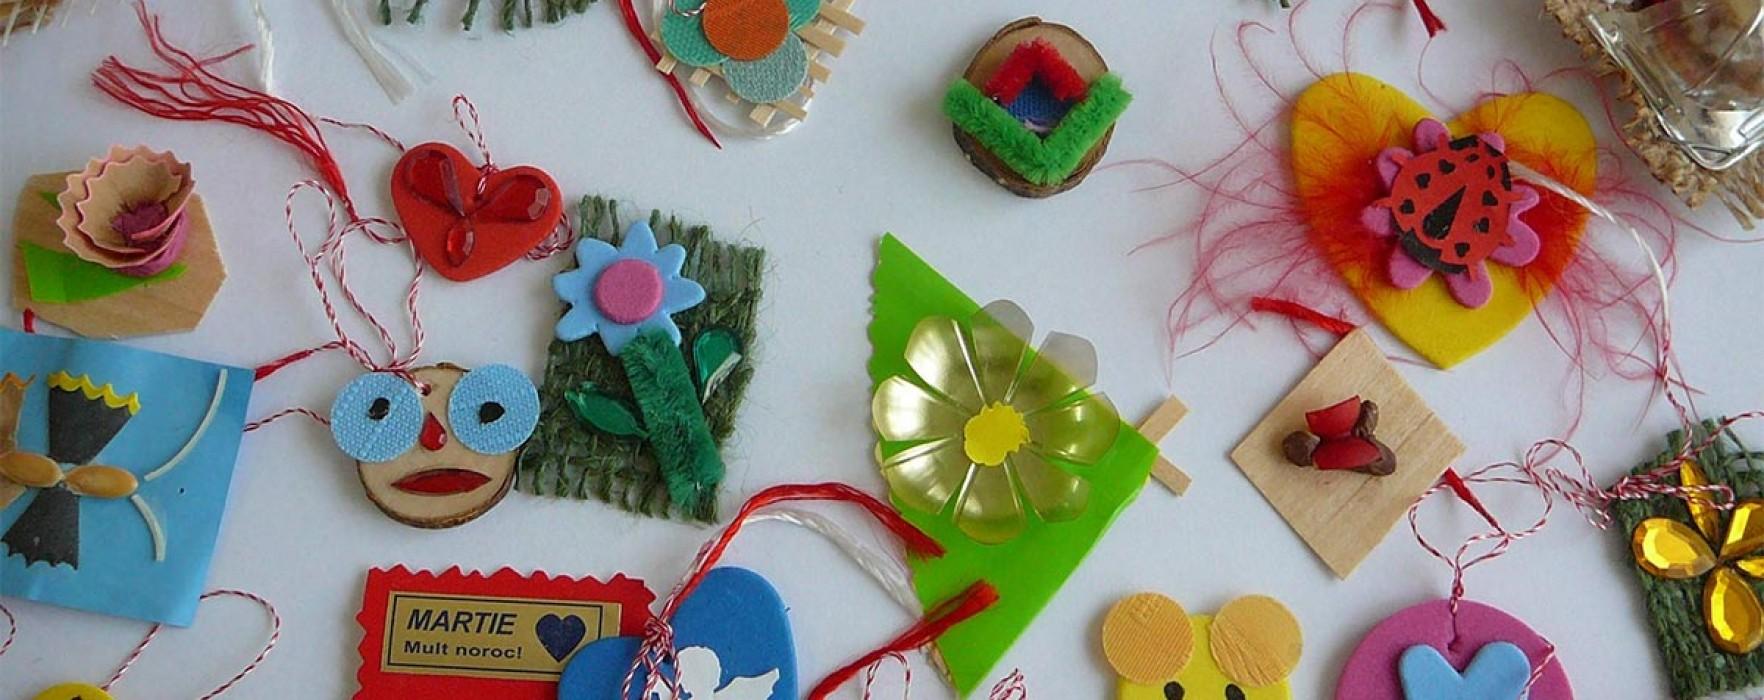 Târgovişte: Expoziţie de mărţişoare realizate de copiii de la Şcoala Specială